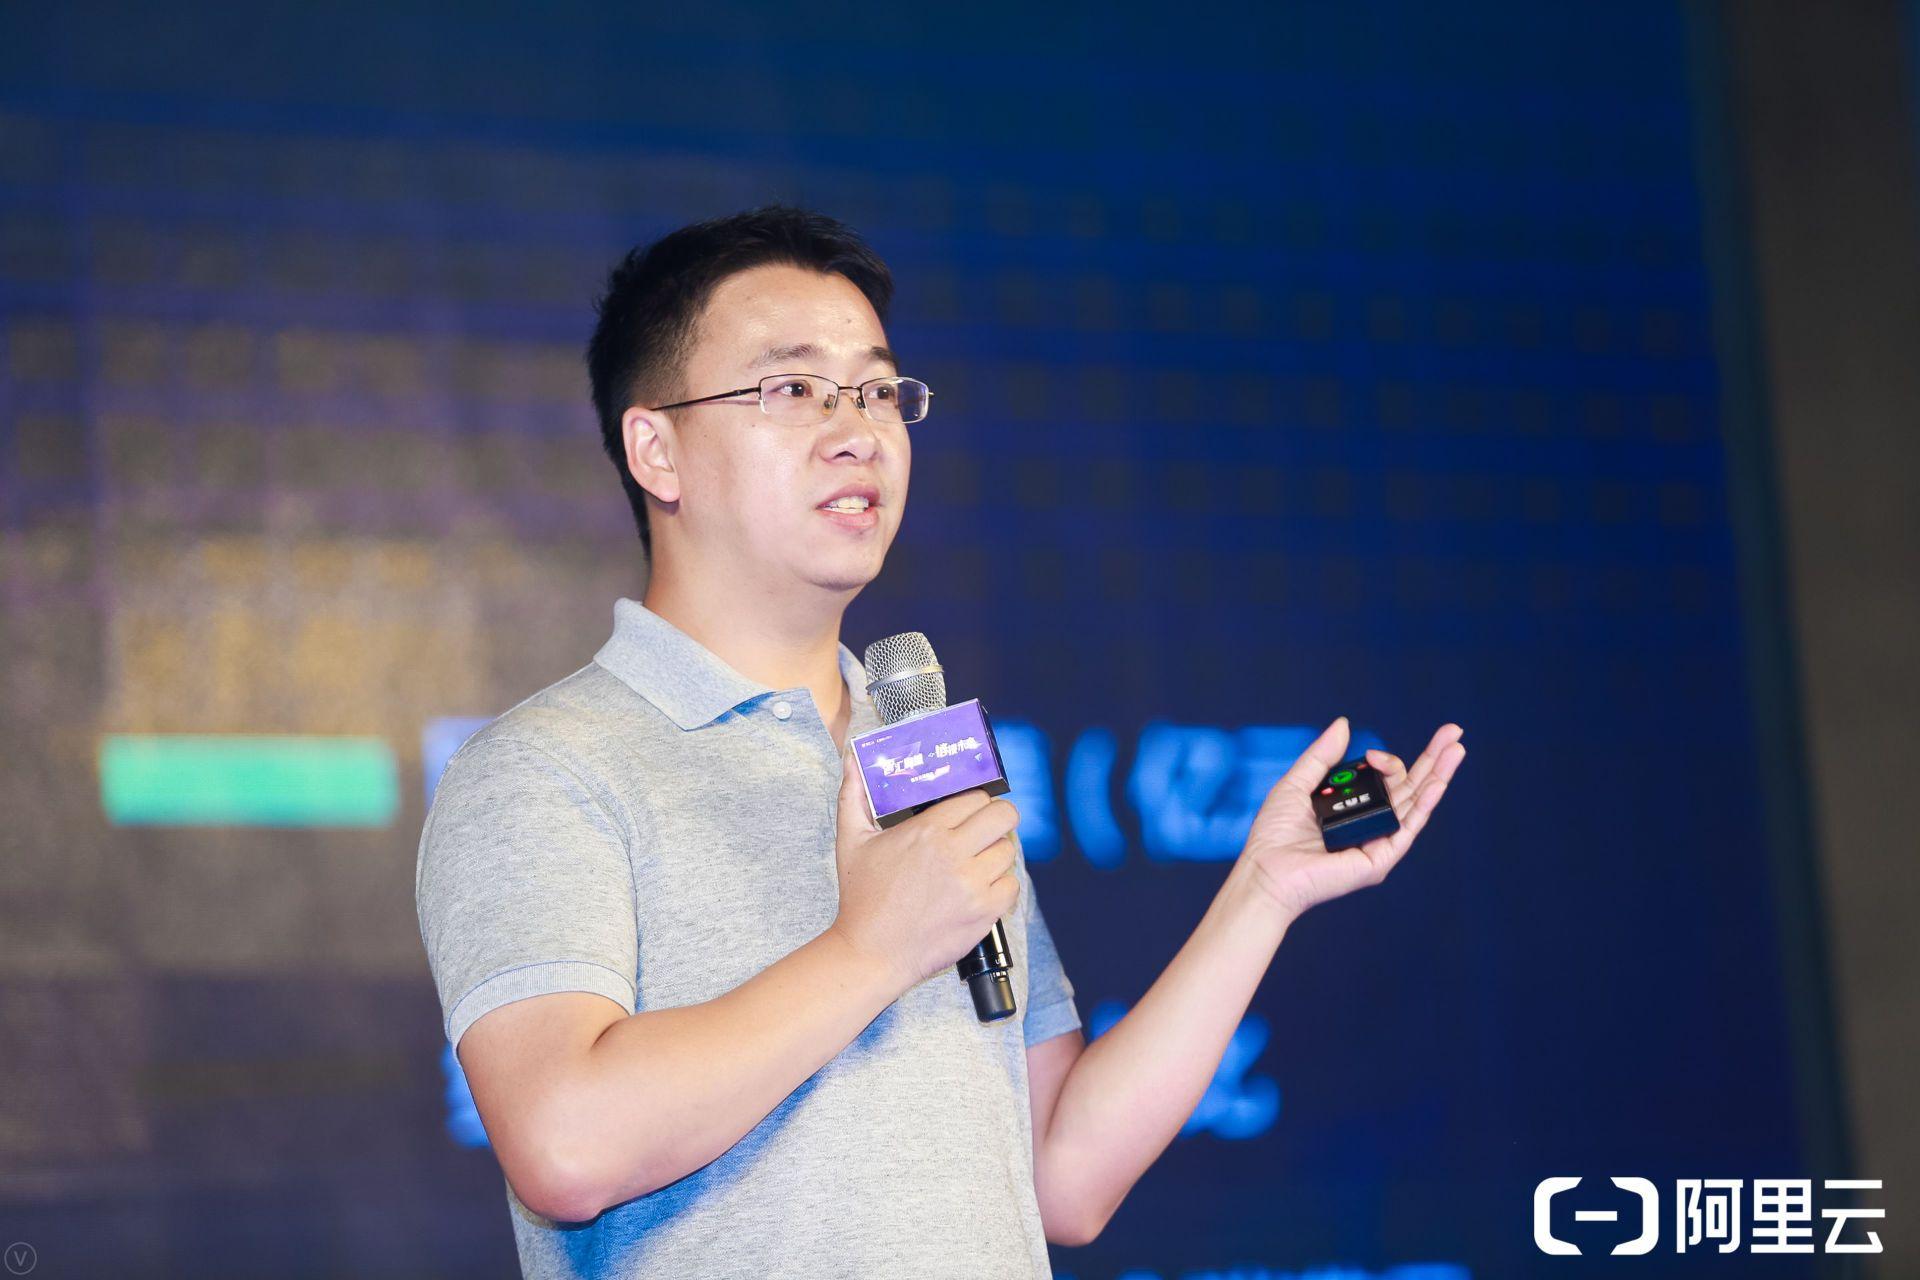 淘宝大学运营总监叶挺:数字商业时代如何进行人才培养?